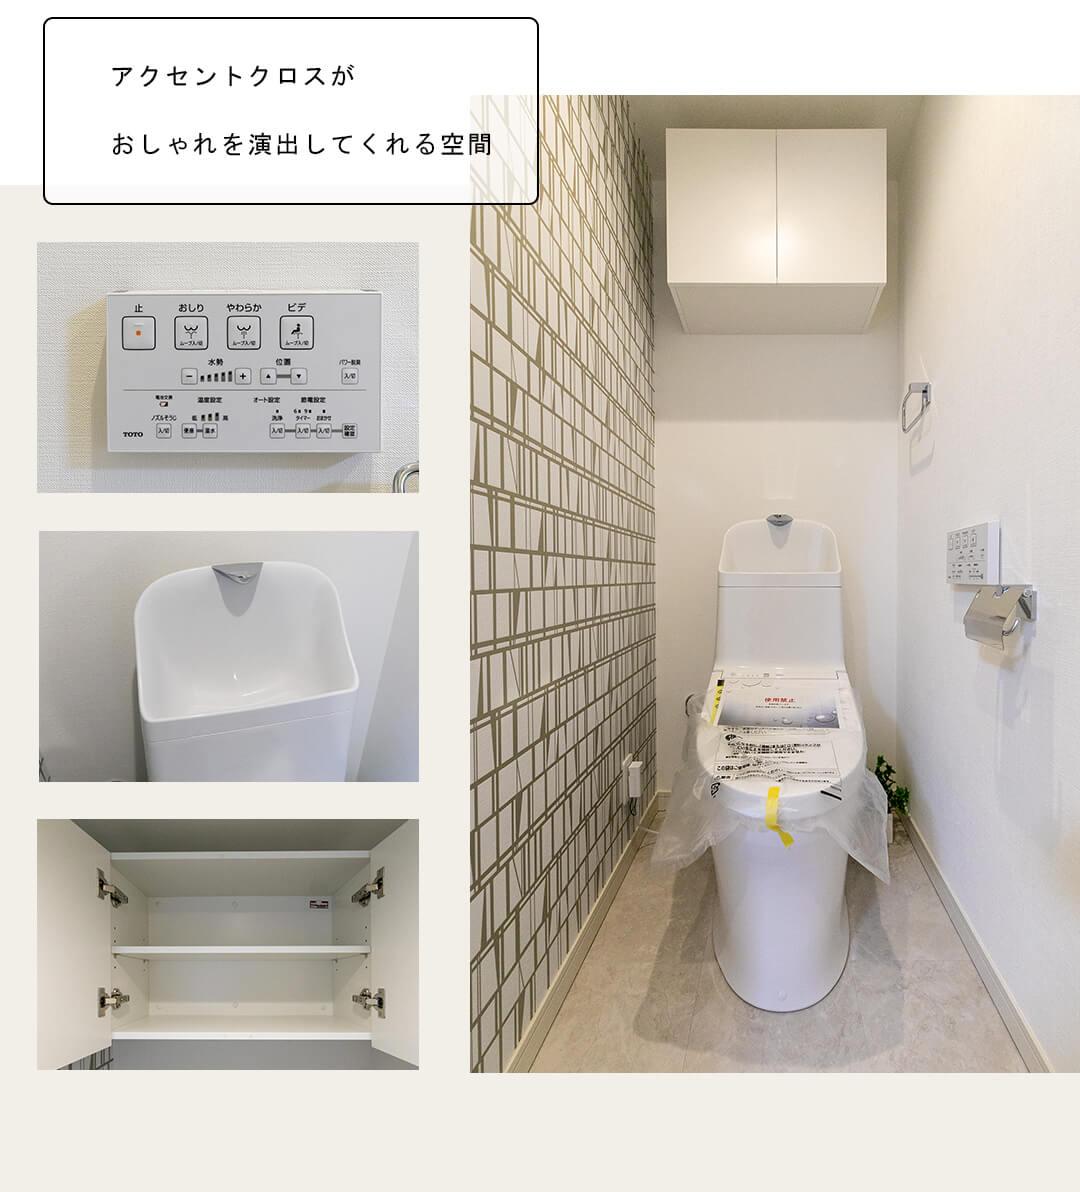 パルミナード尾山台弐番館304のトイレ